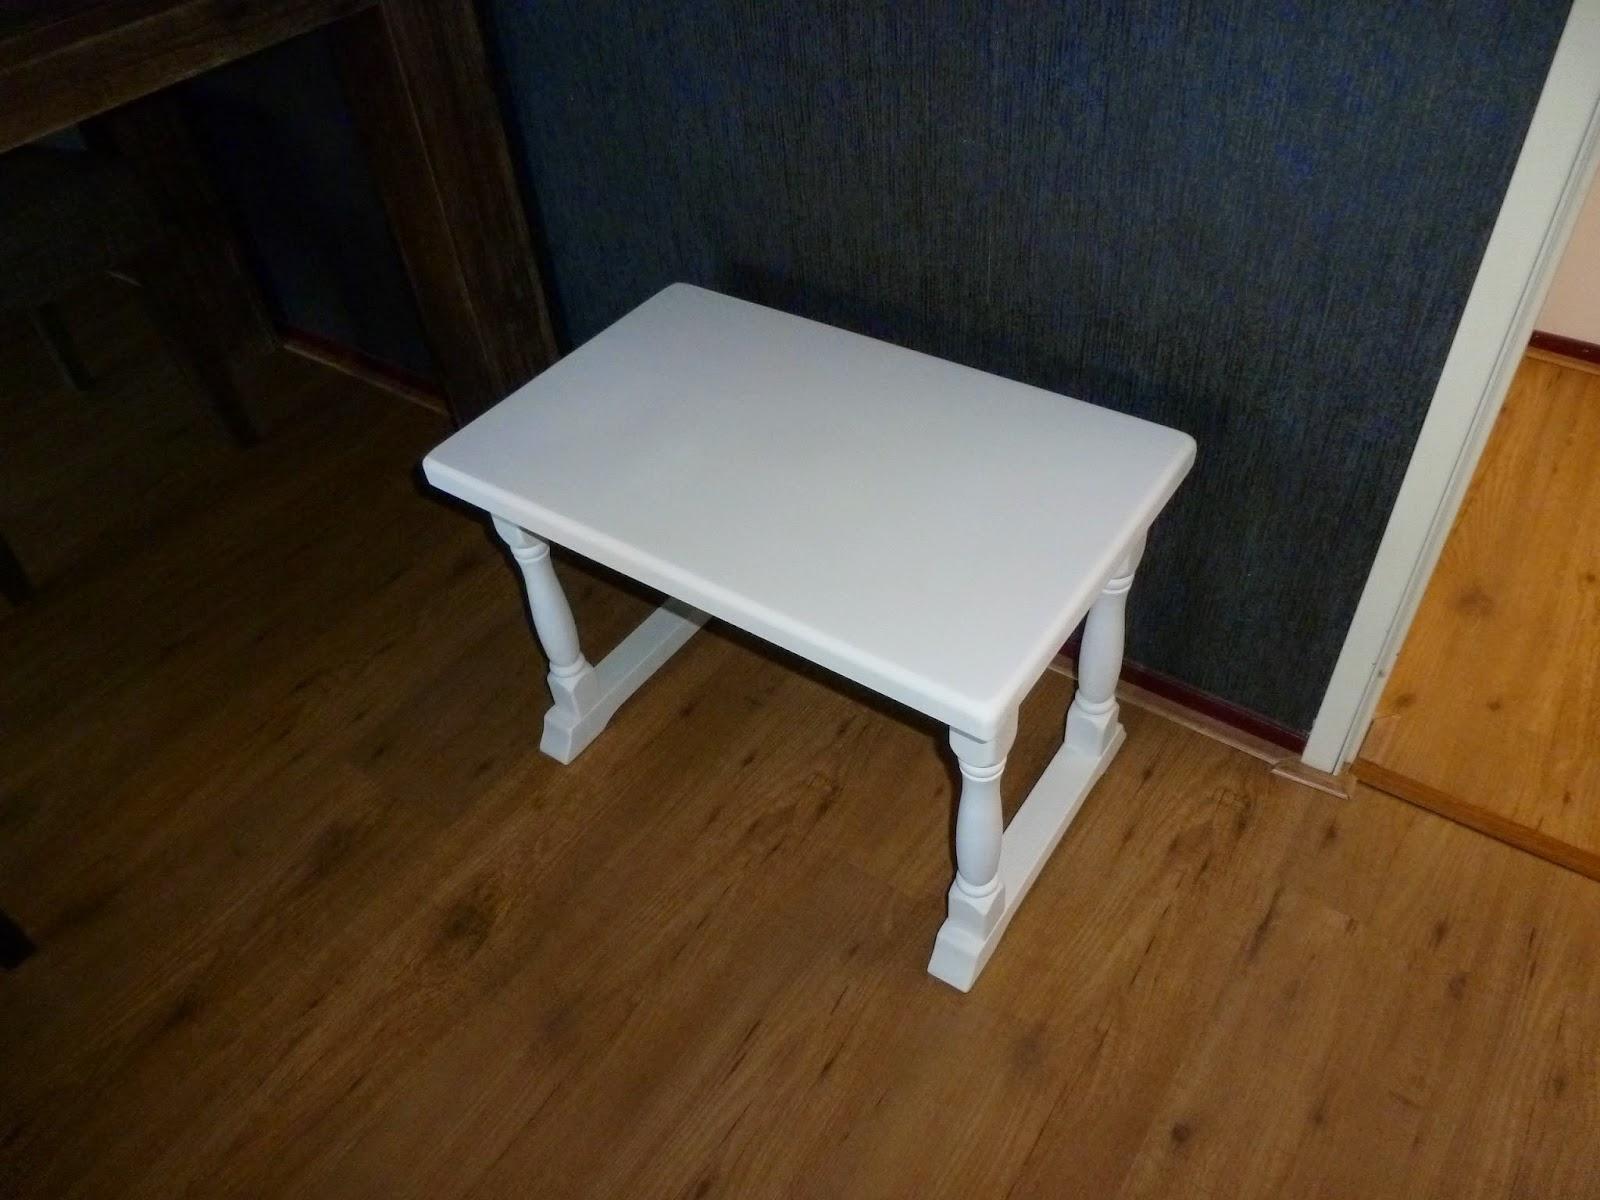 Meubels Wit Verven : Eiken meubel wit schilderen je meubels schilderen brico voor de makers